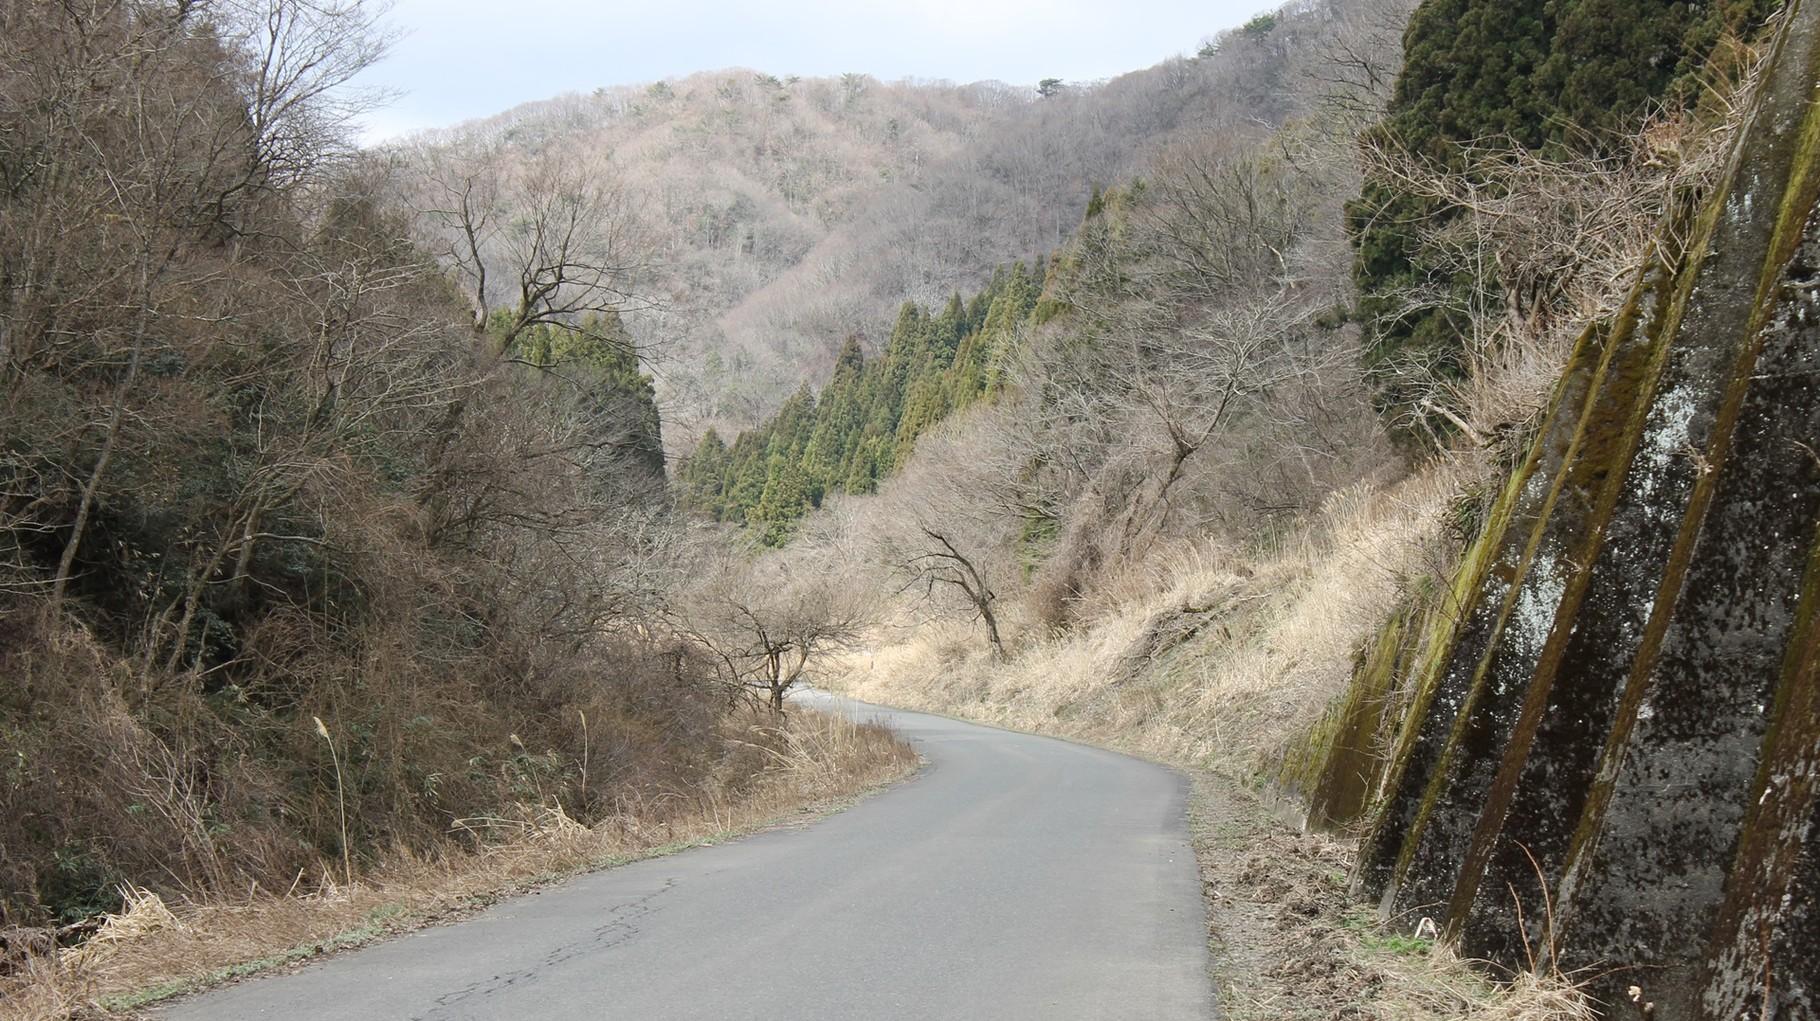 ロックシェッドを過ぎると山中信号所。右上部は待避線。